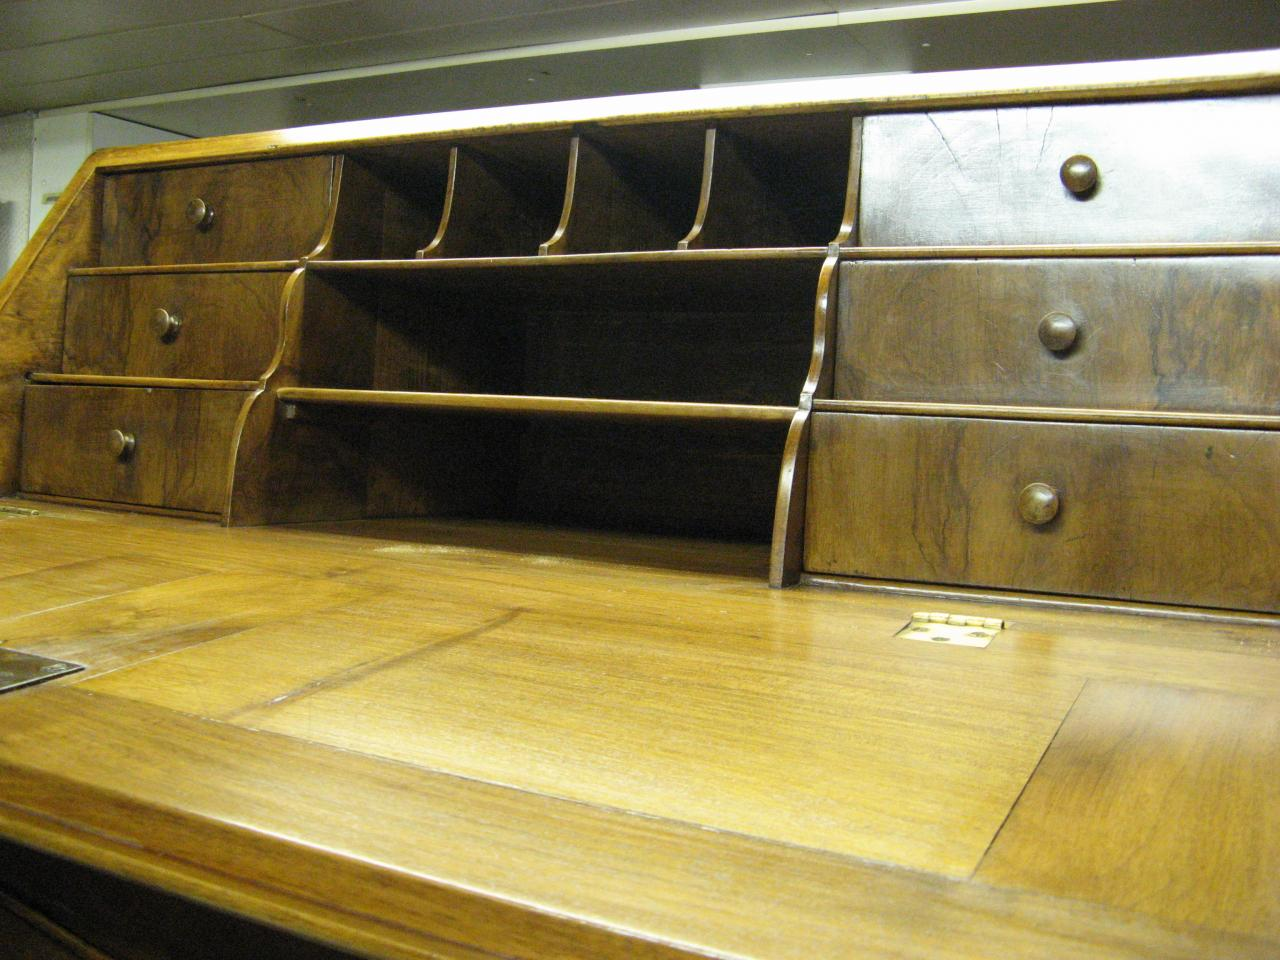 Cabinet intérieur